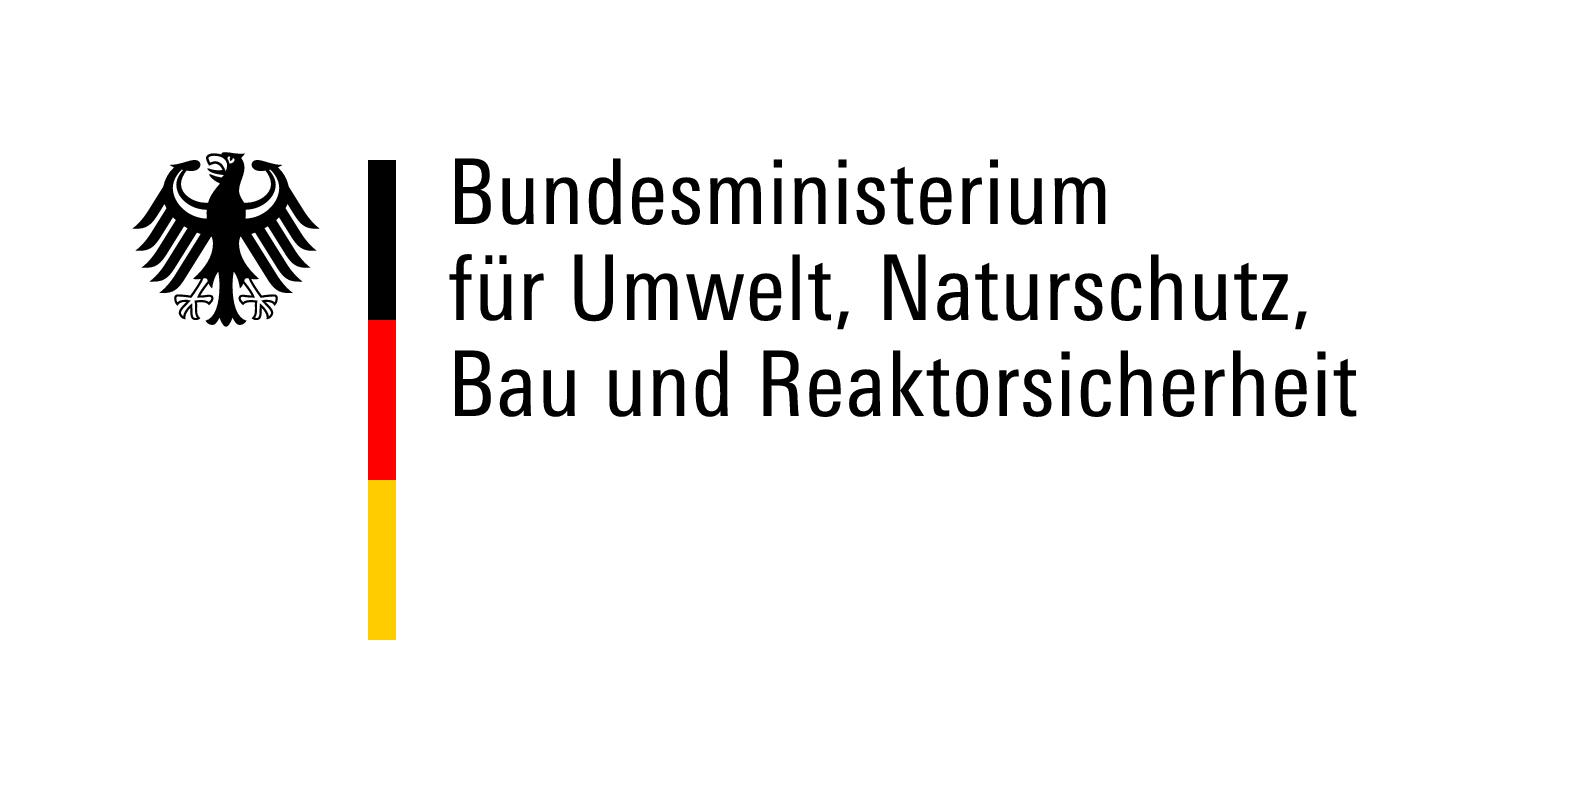 Bundesministerium für Umwelt, Naturschutz, Bau und Reaktorsicherheit Logo